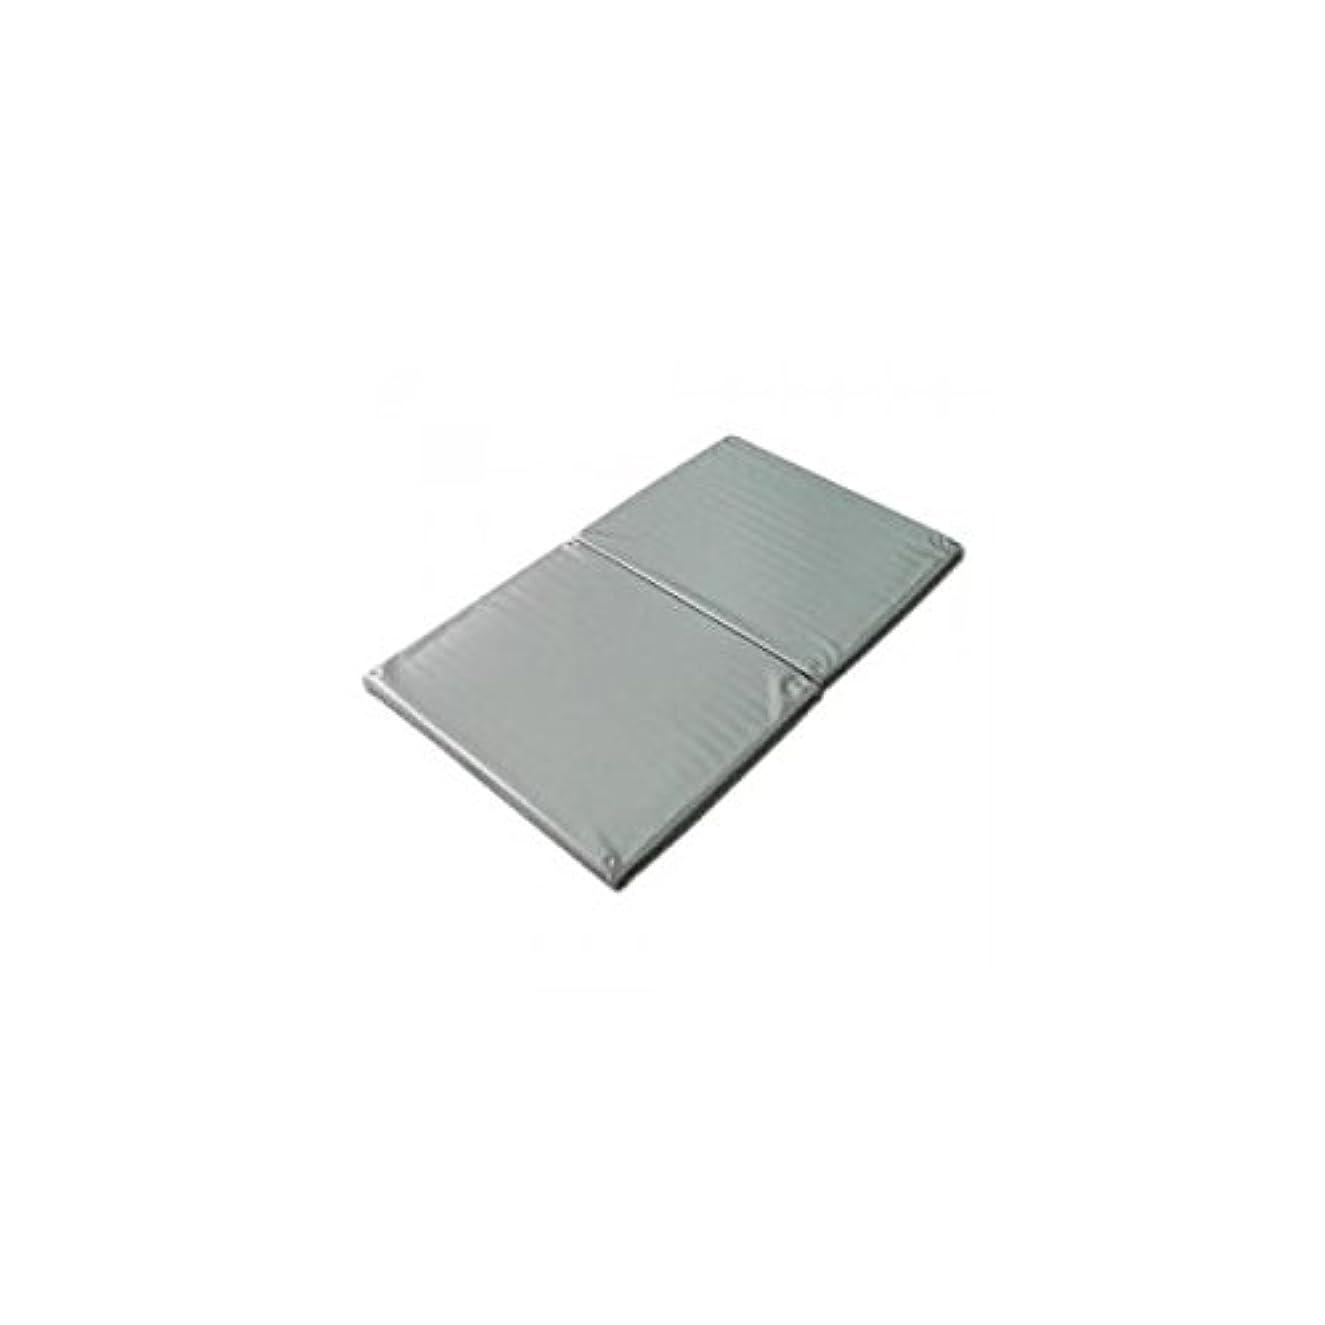 徹底蓄積する誰がヨックお風呂のマッサージ用マットP(2ツ折)シルバー 120×70cm│防水マッサージマット ポリエチレン製